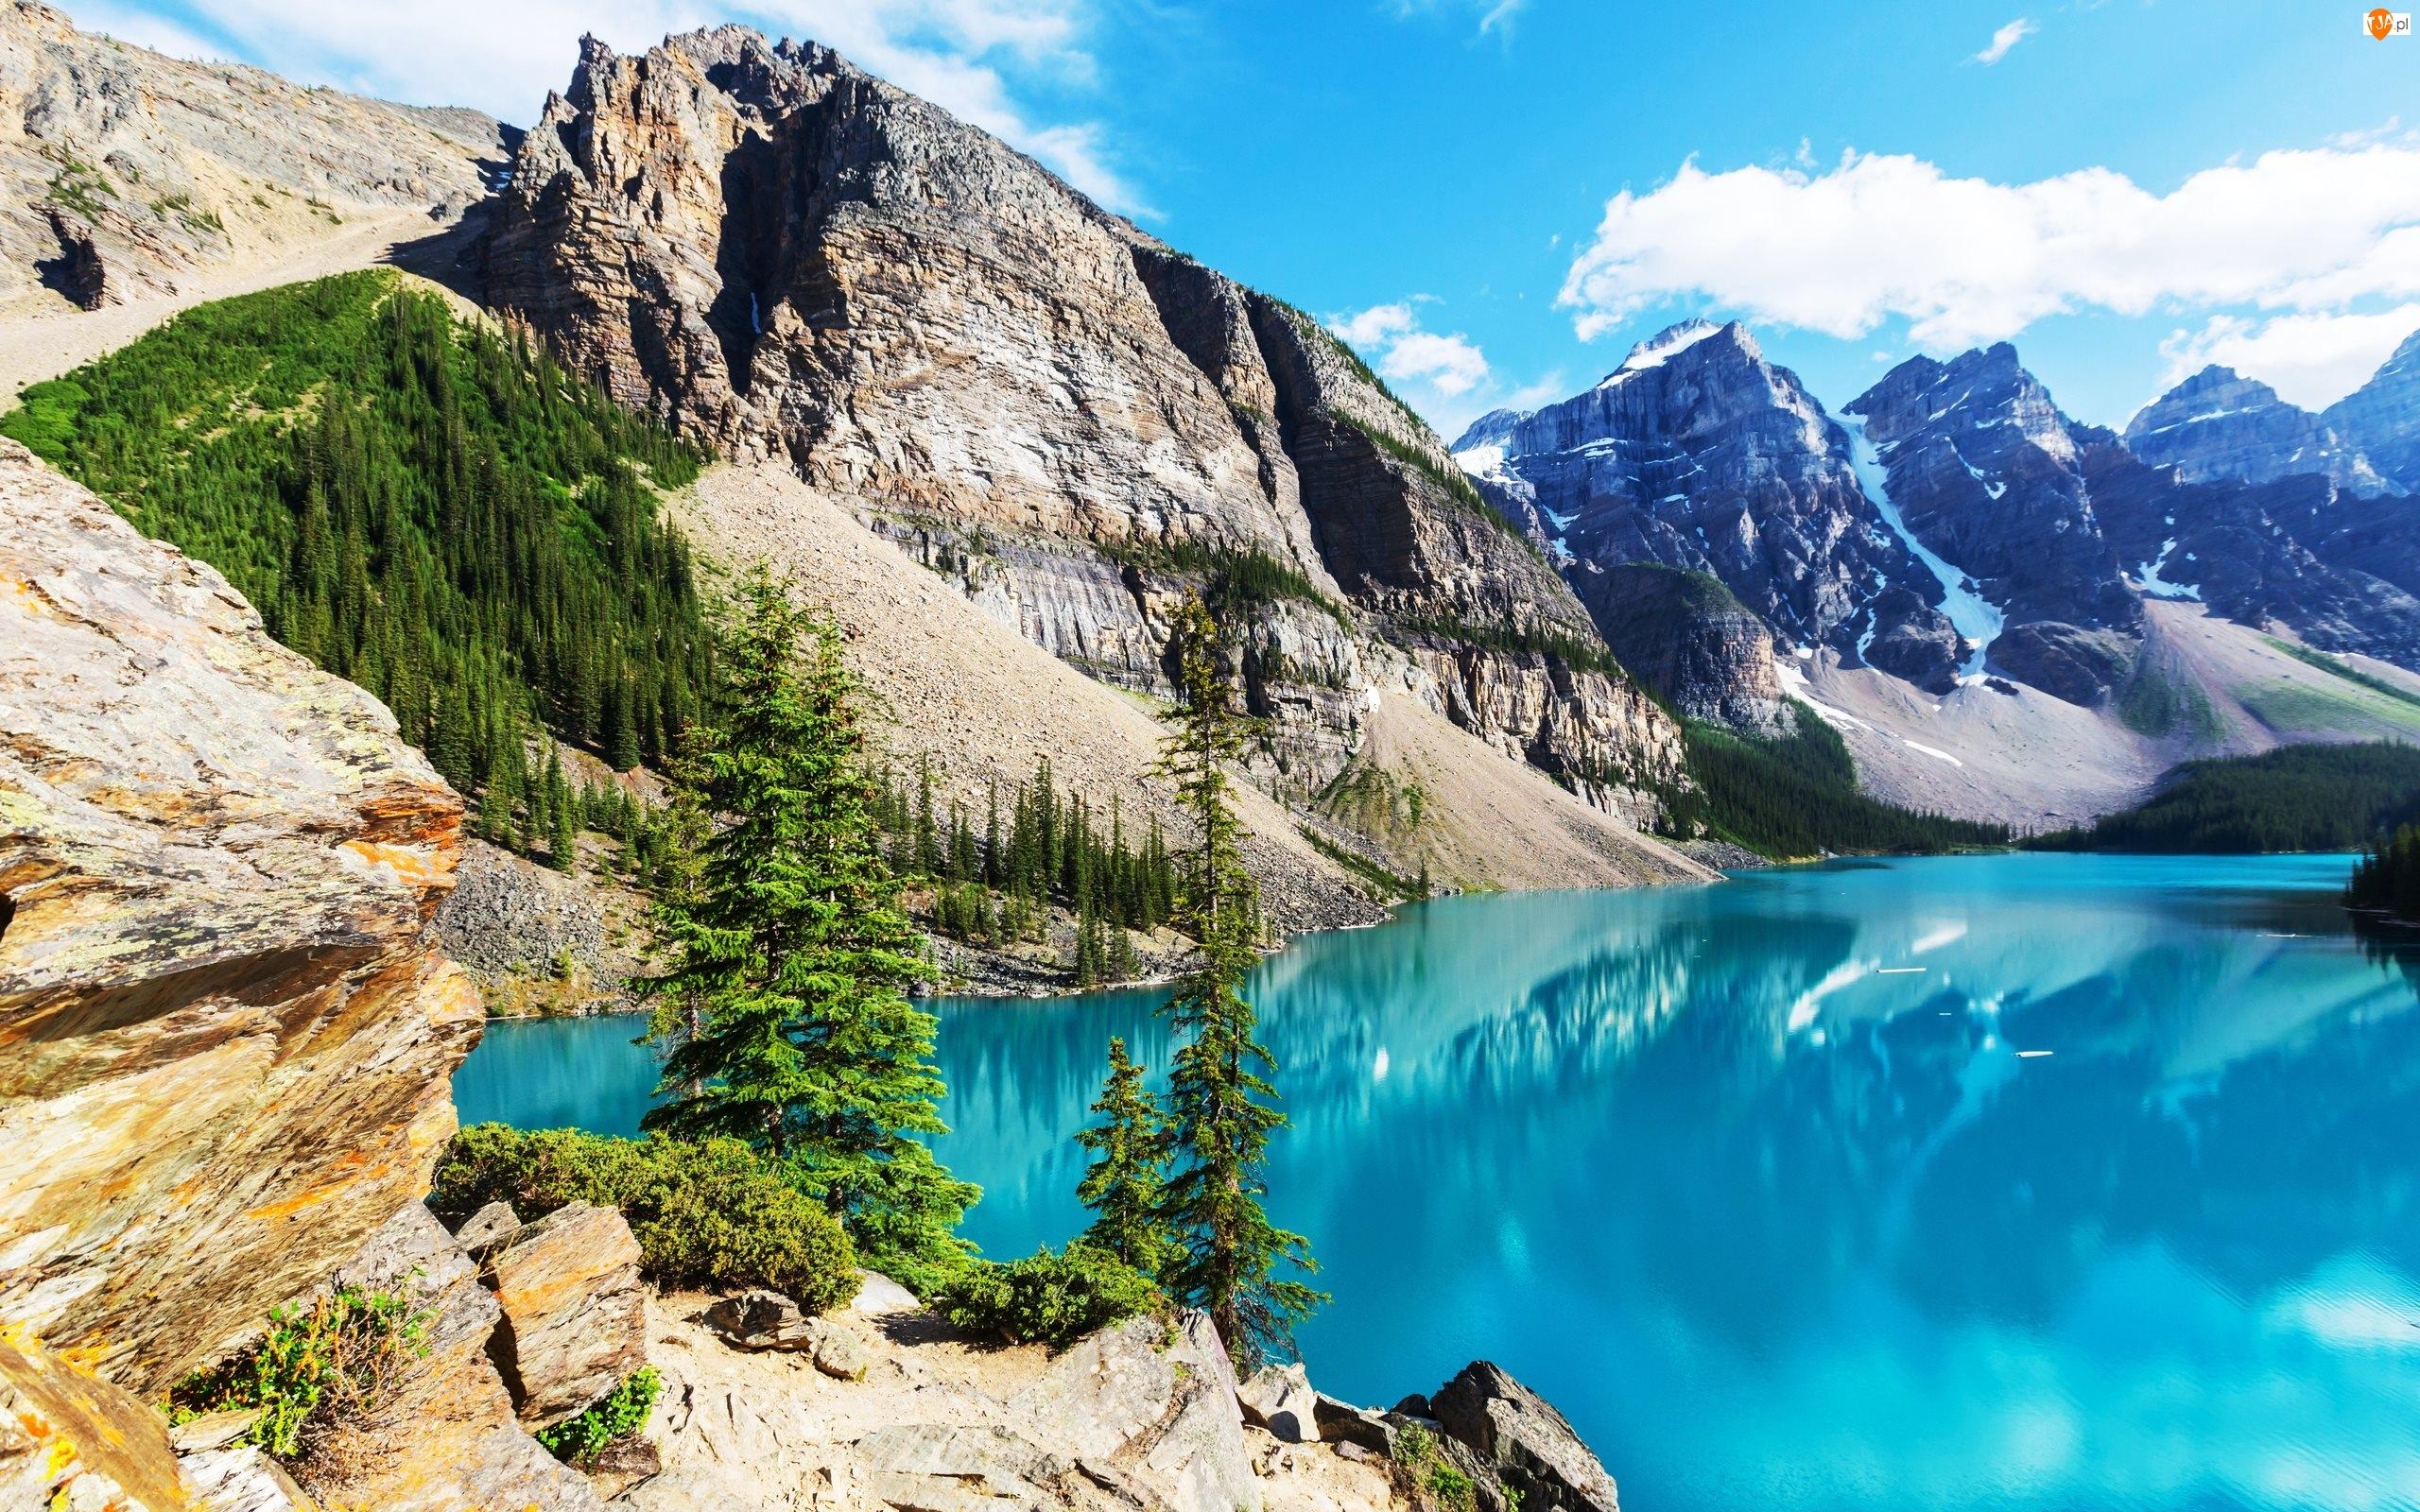 Jezioro Moraine, Kanada, Park Narodowy Banff